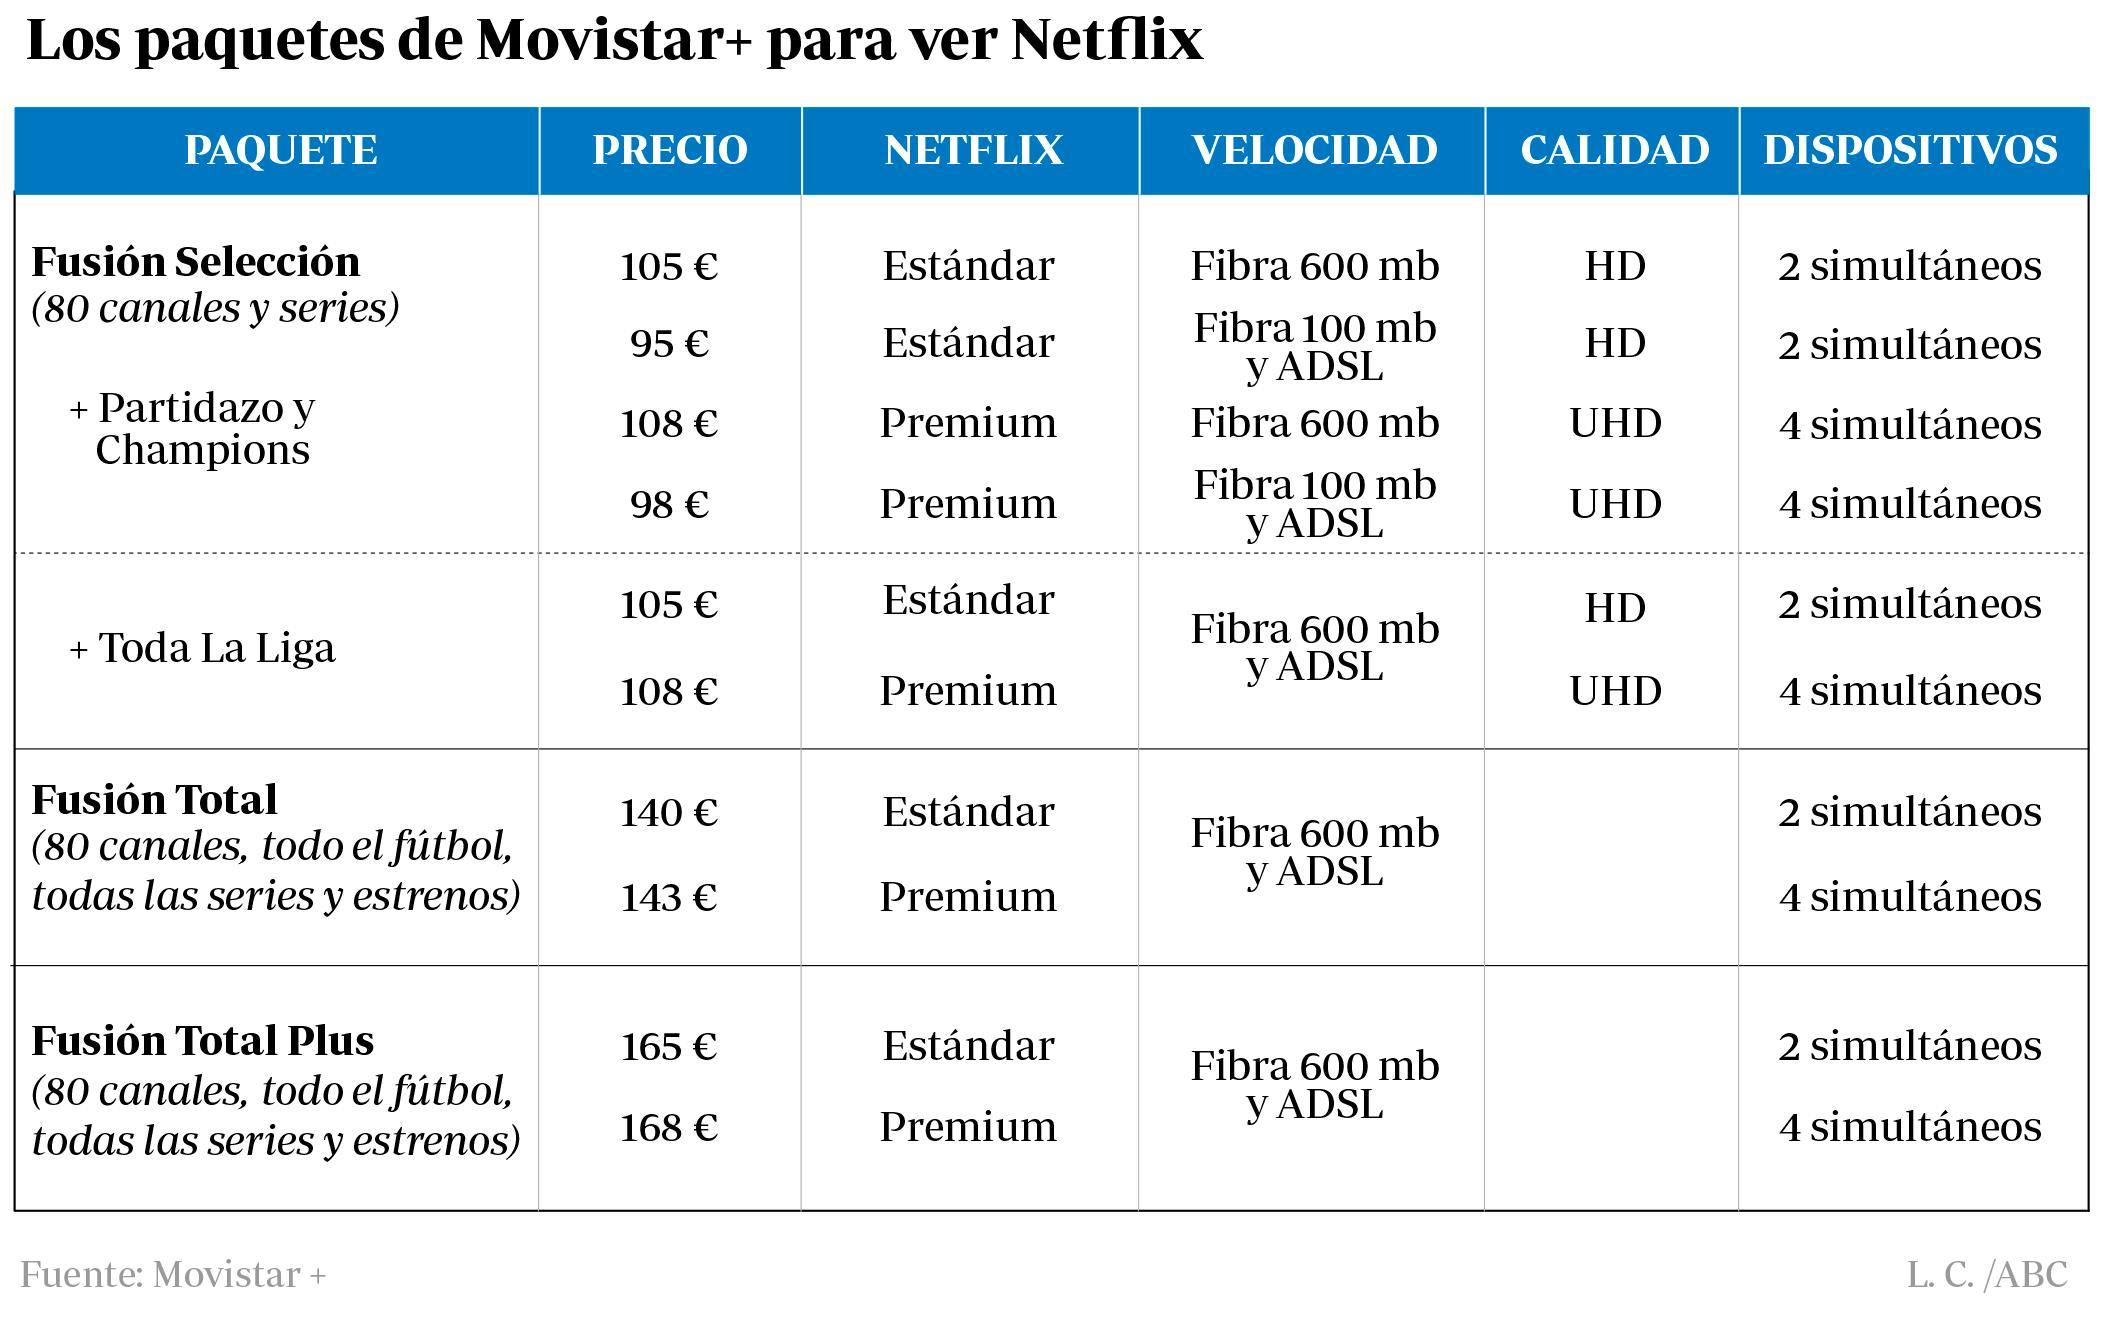 Los precios de Movistar+ con Netflix